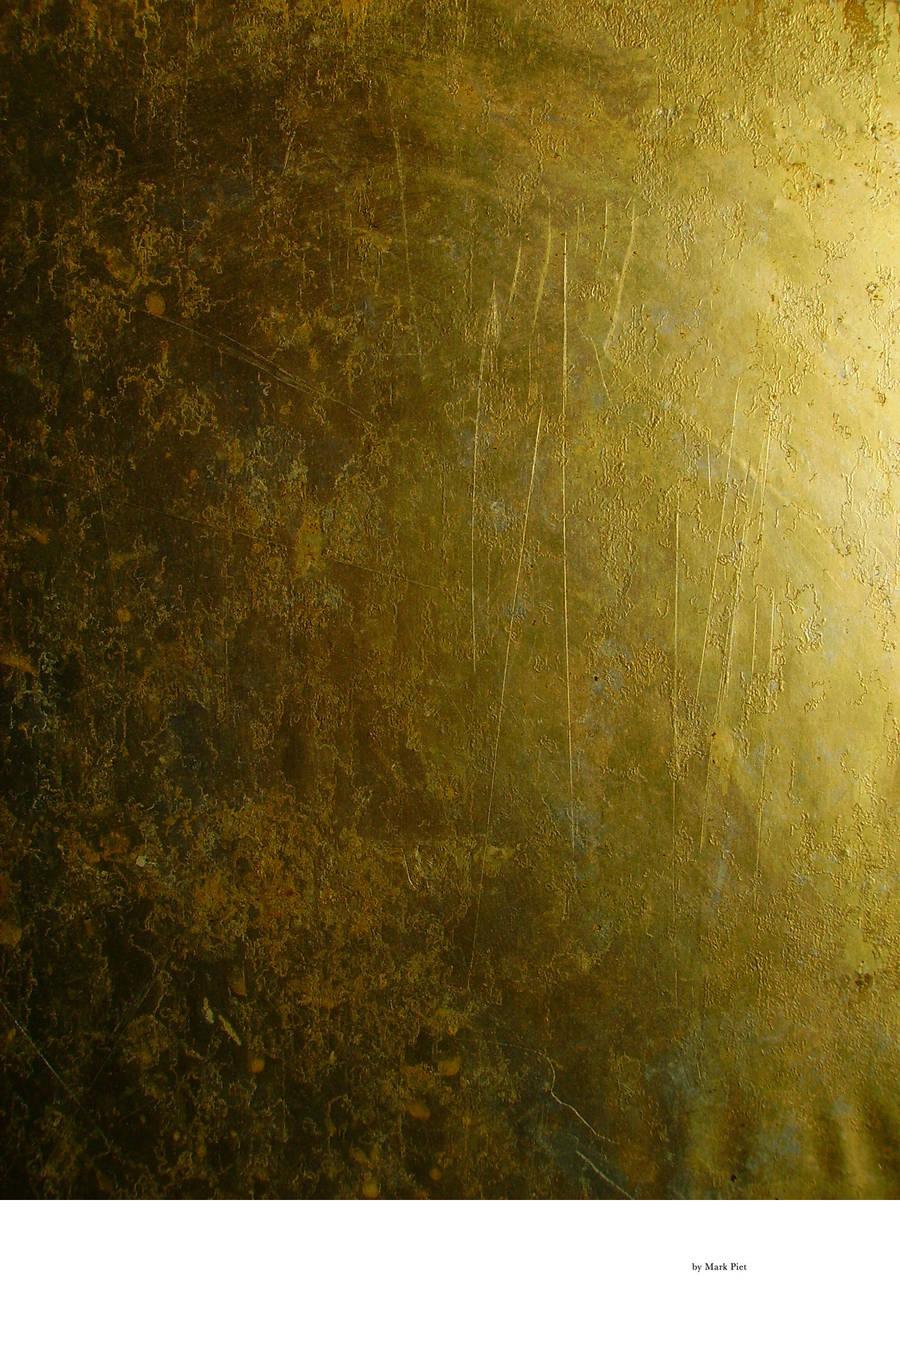 texture - 3484 by markpiet